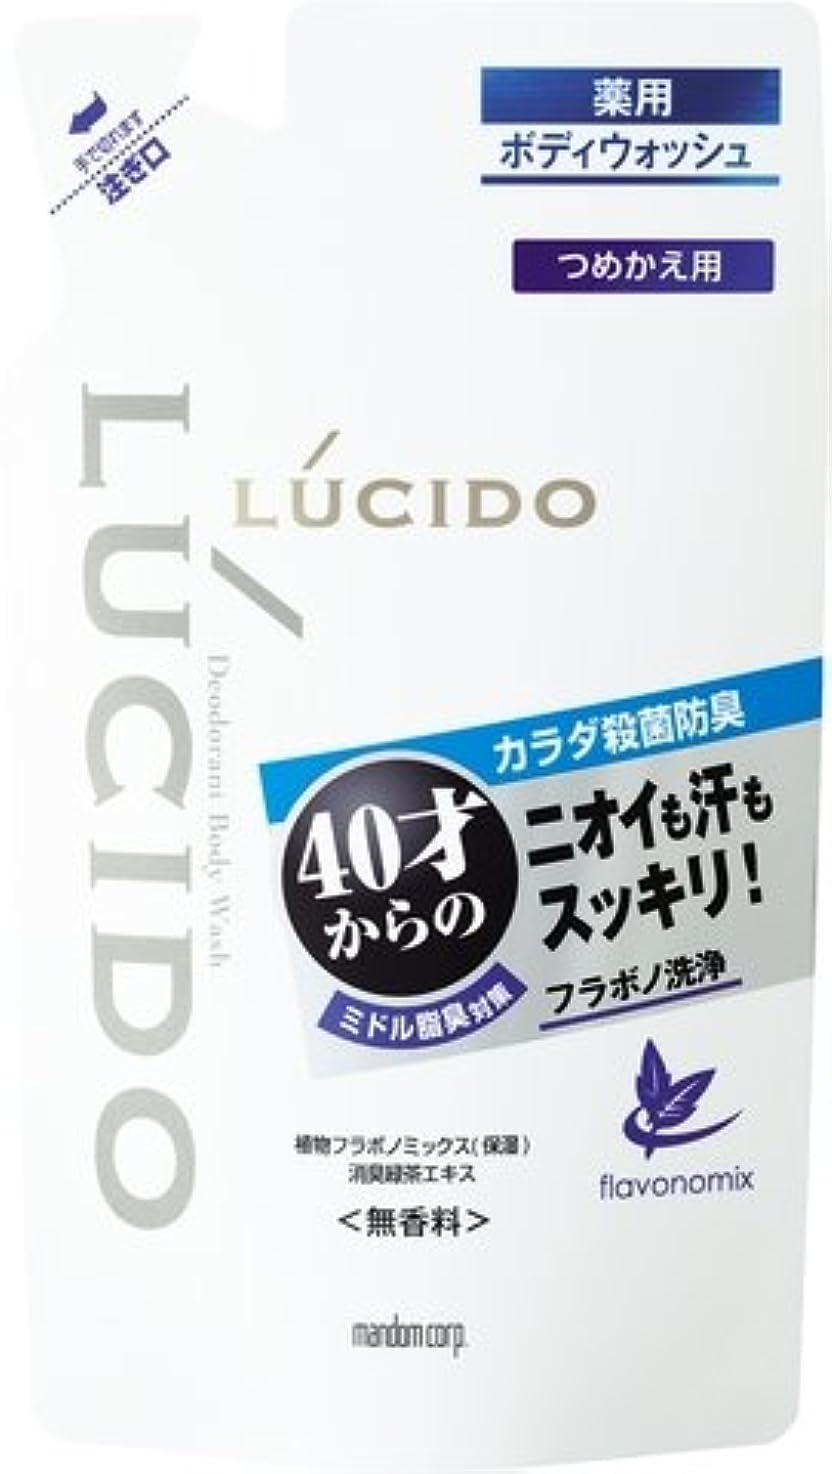 ディレクトリメッセージ実験的ルシード 薬用デオドラントボディウォッシュ つめかえ用 (医薬部外品) × 5個セット